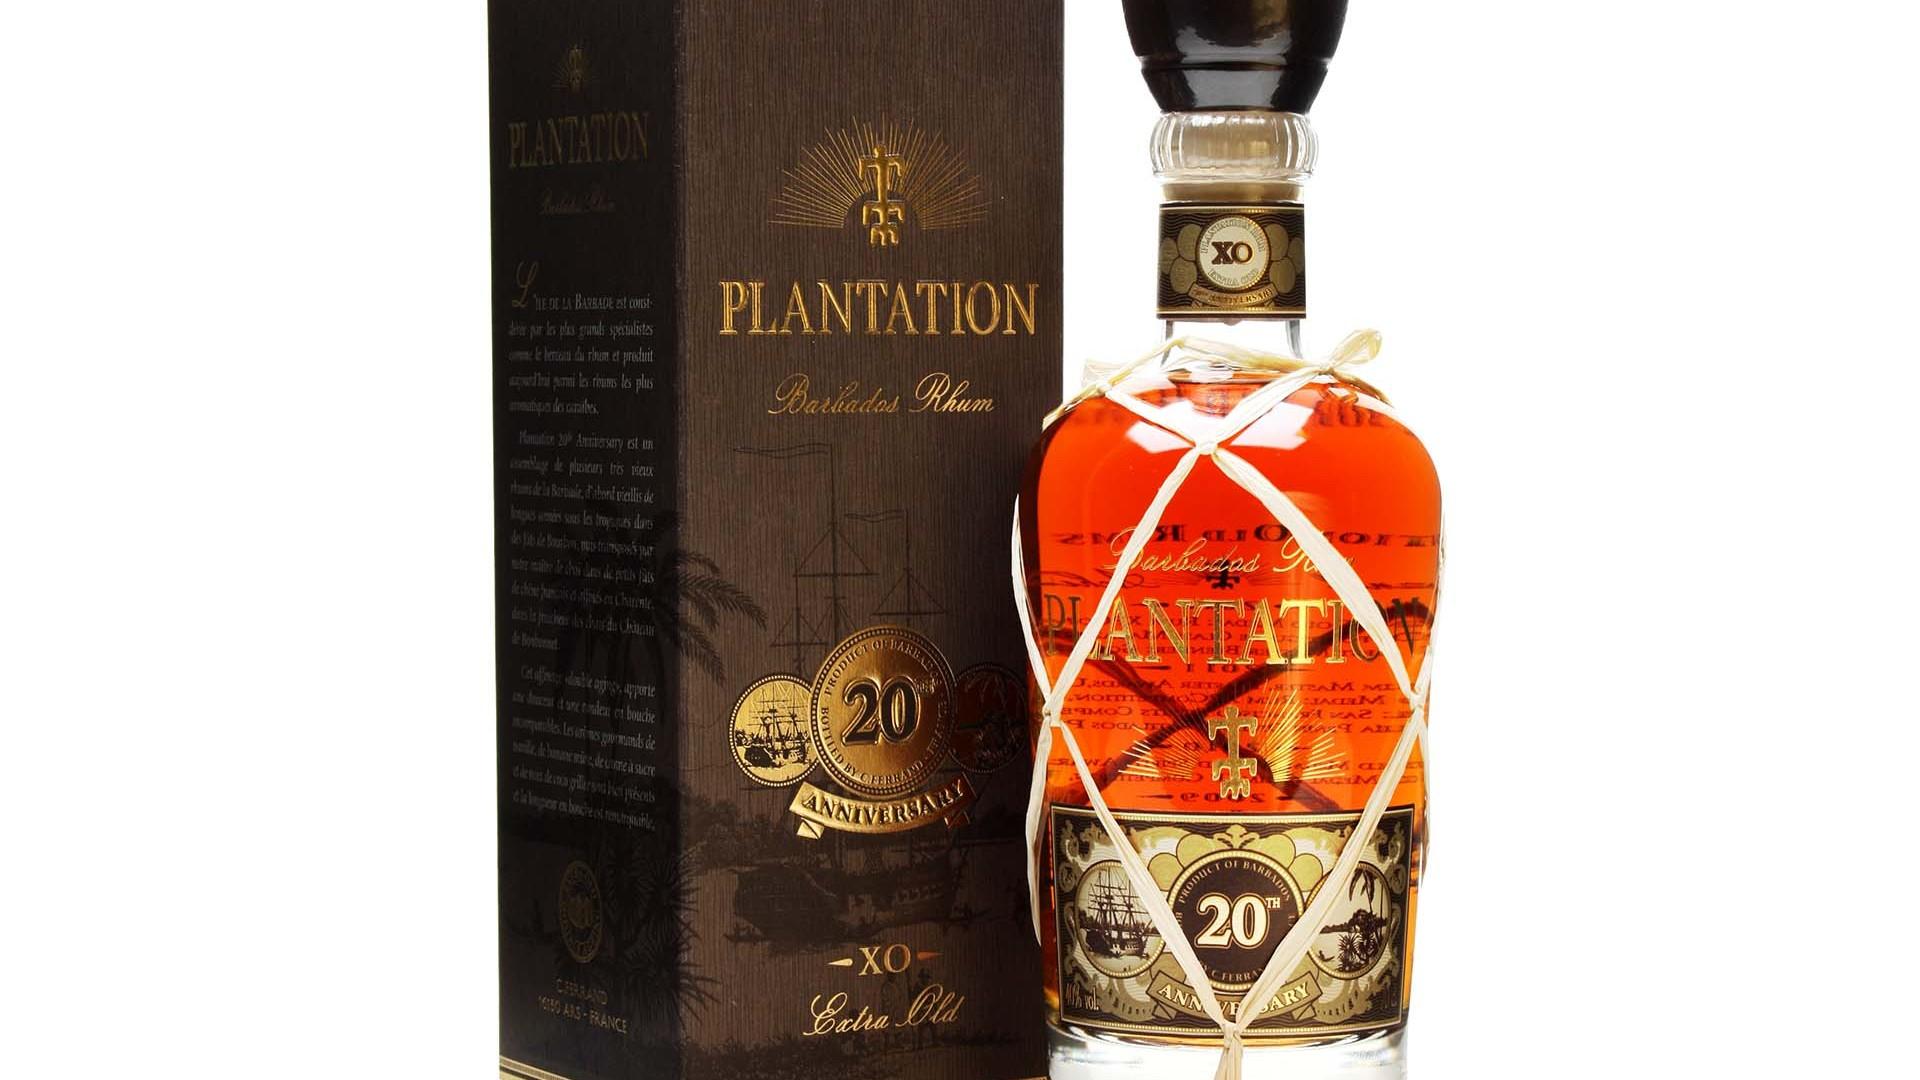 Plantation Extra Old Barbados Rum 20th Anniversary, Barbados